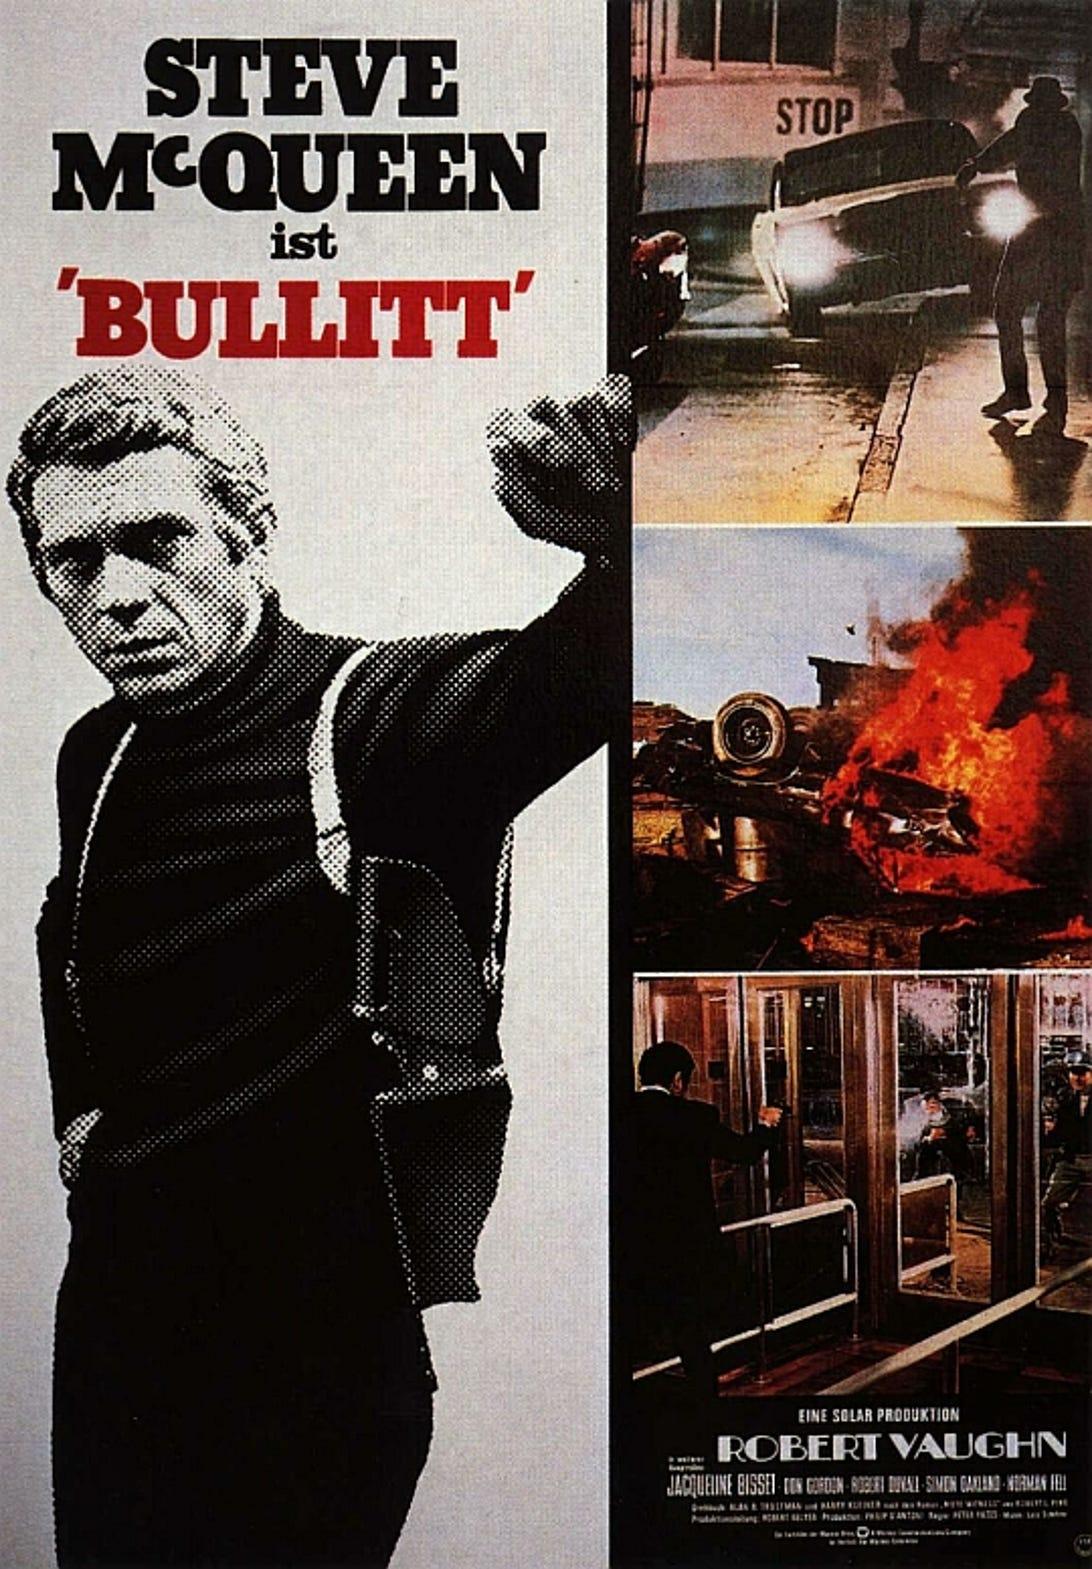 Bullitt714617.jpg